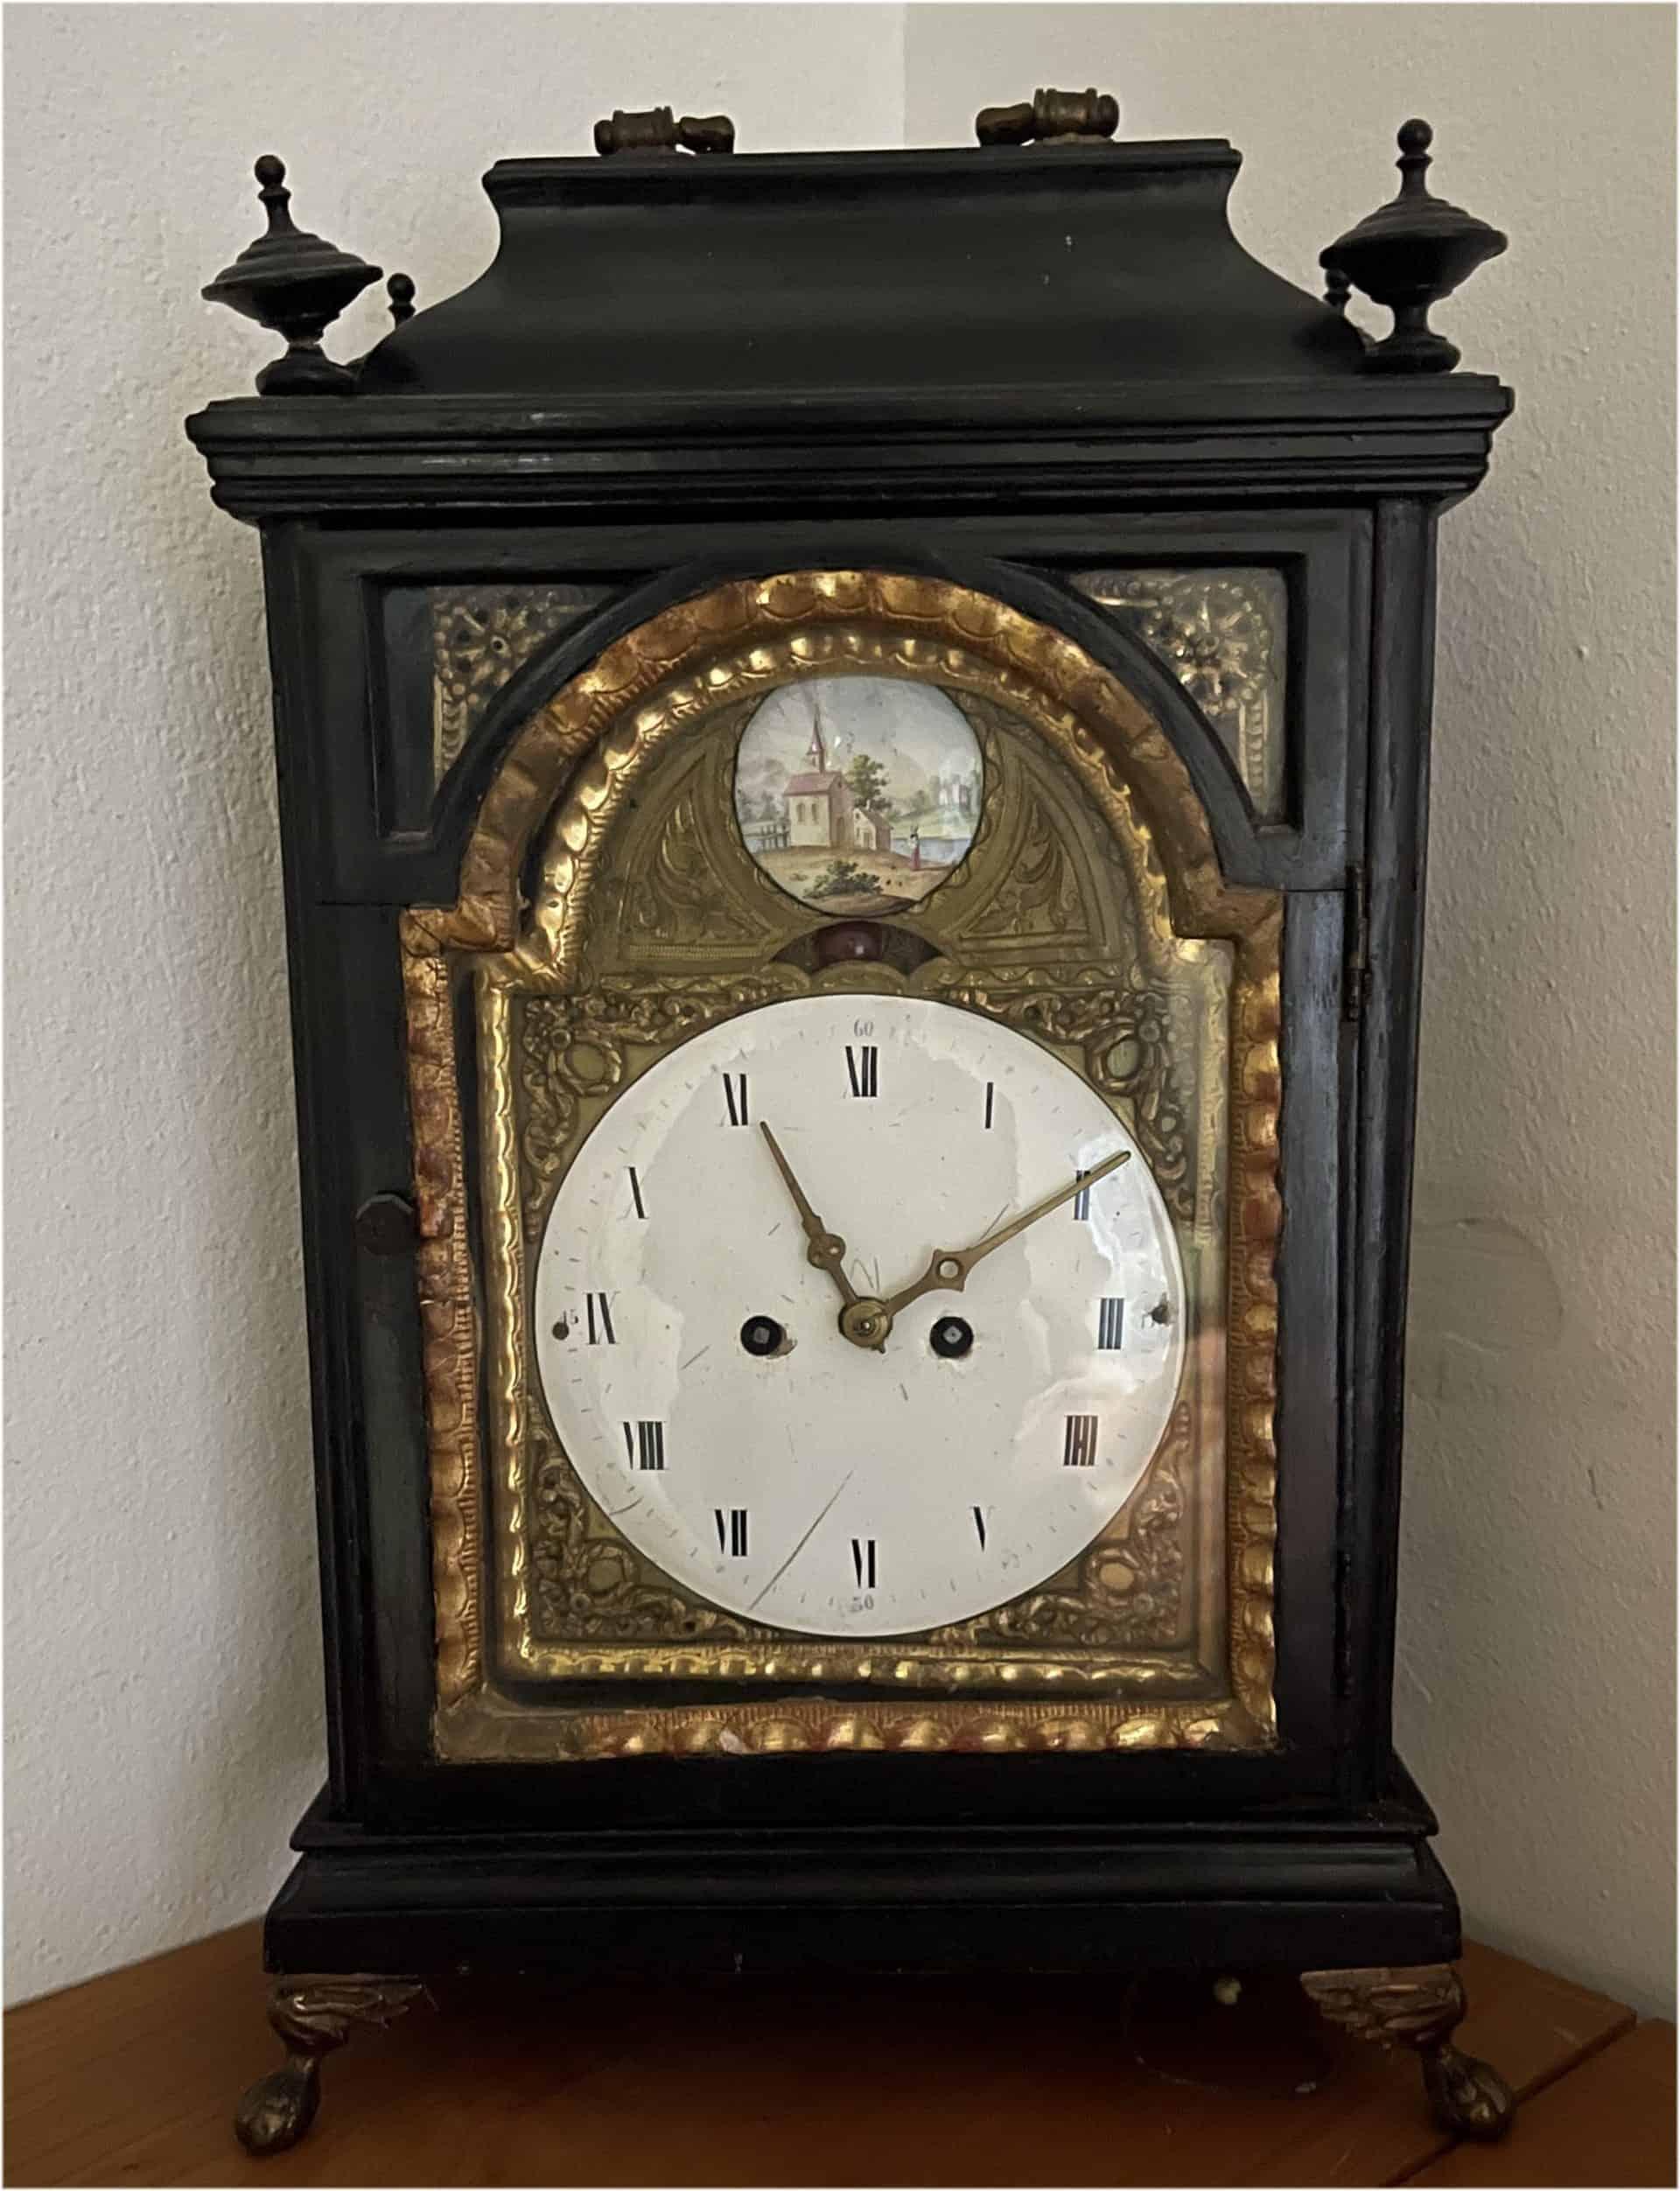 Michel Parmigiani restaurierte historische Uhren